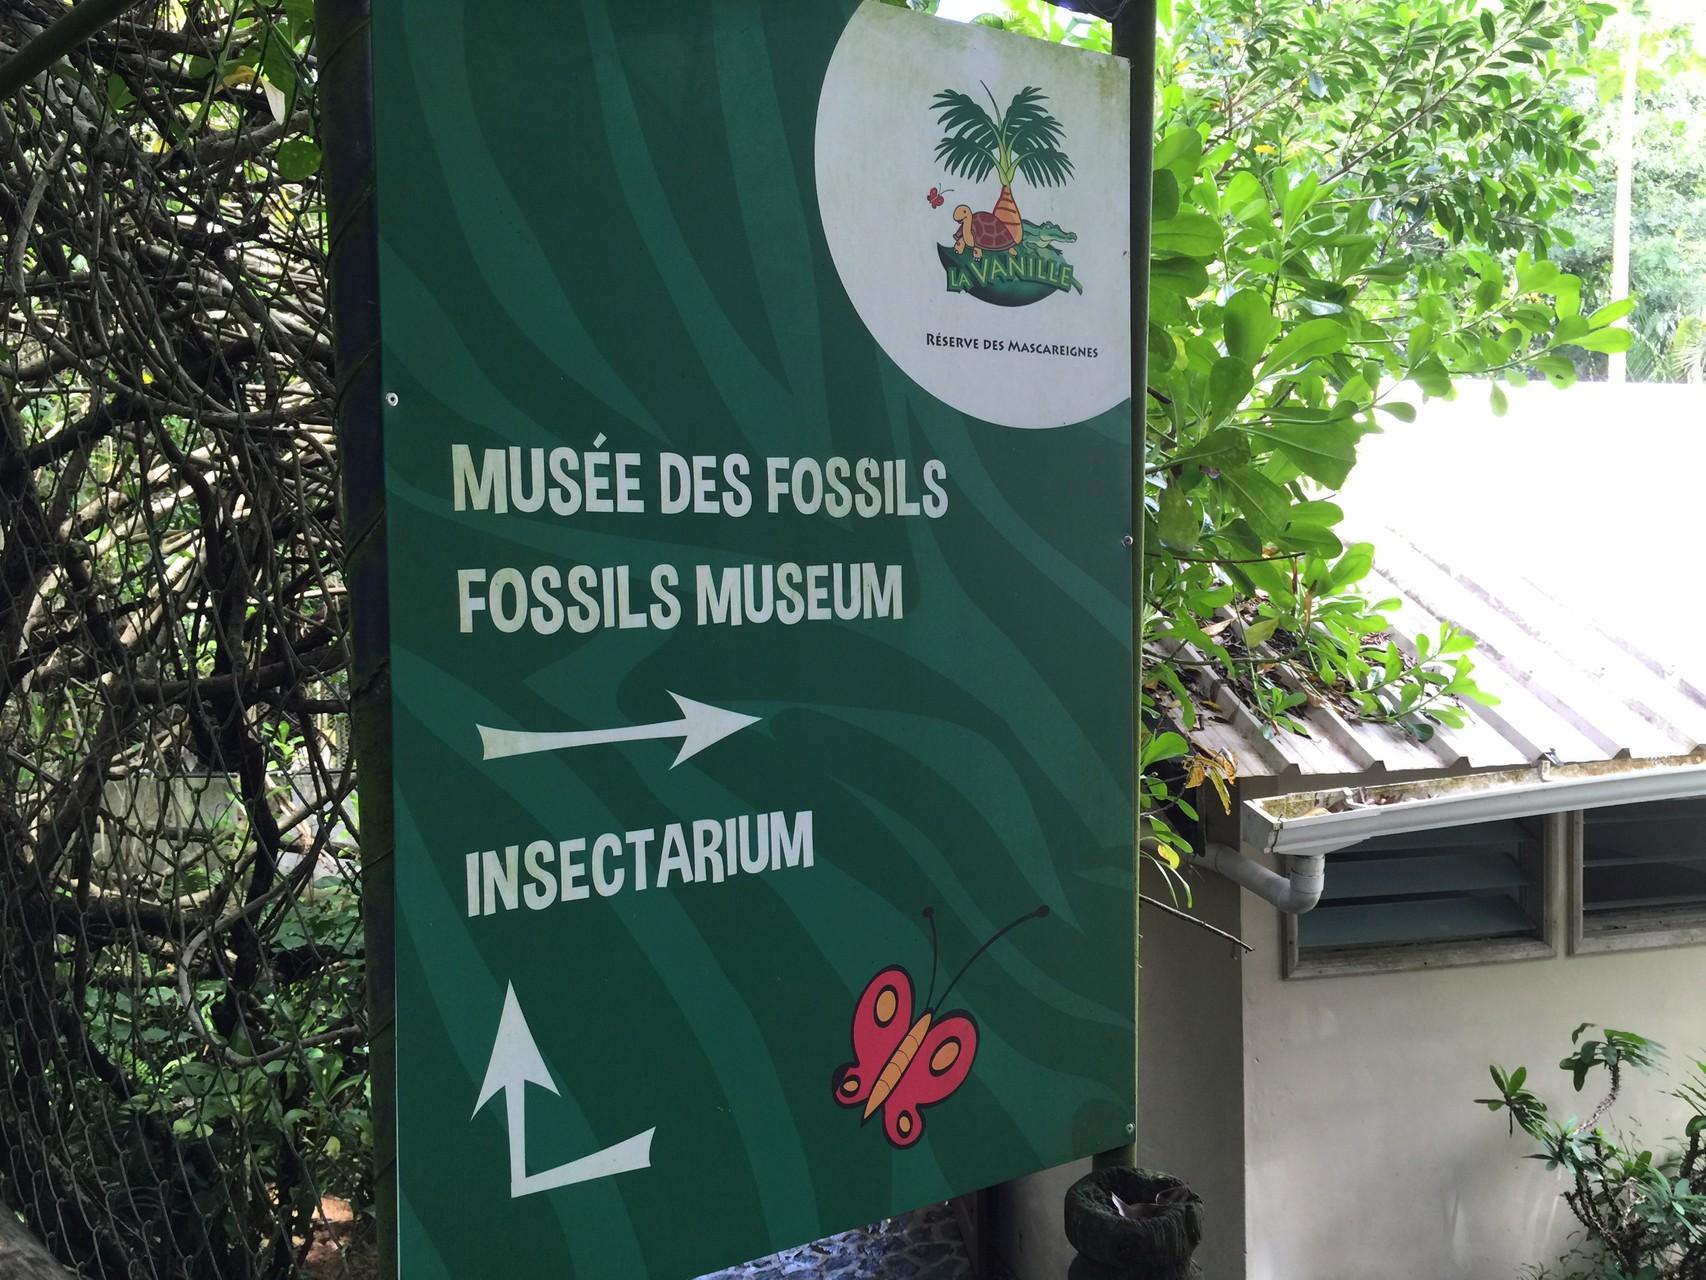 LE MUSEE et INSECTARIUM DE LA VANILLE RESERVE ILE MAURICE